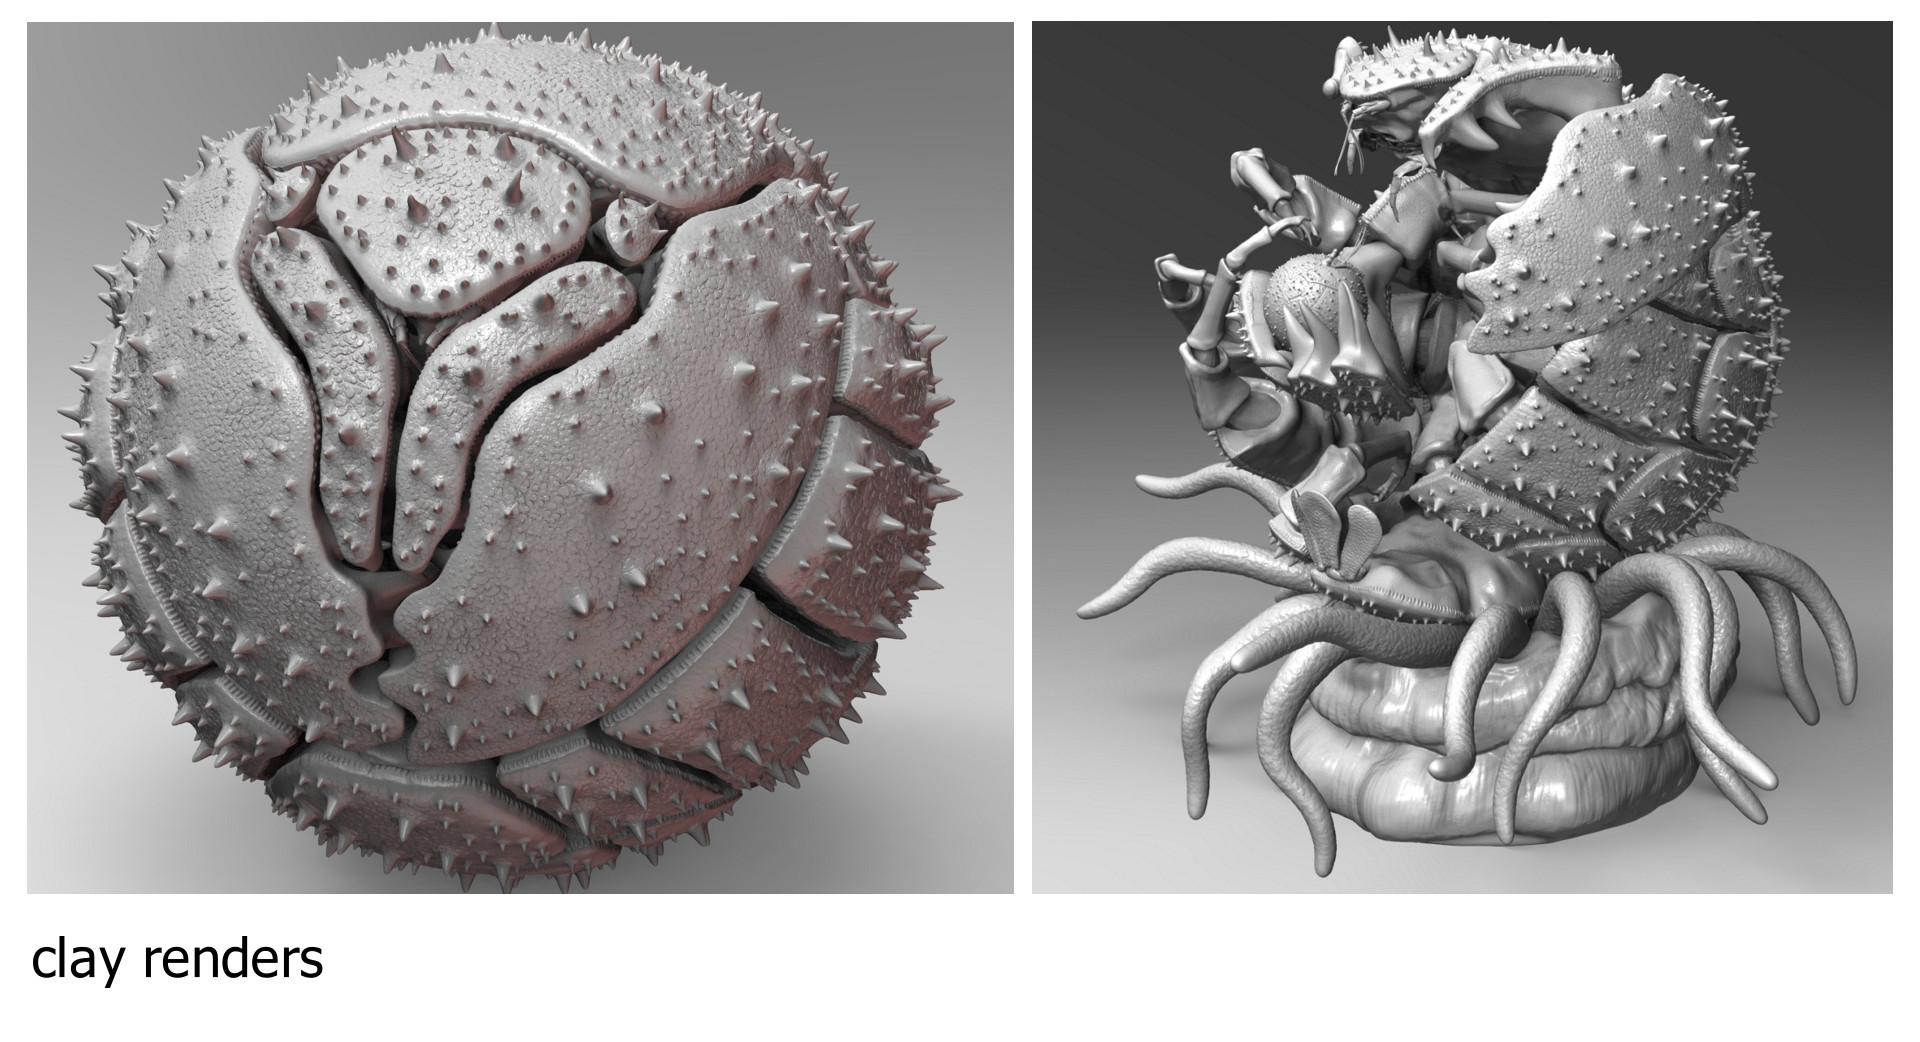 Dariusz andrulonis 10 clay renders